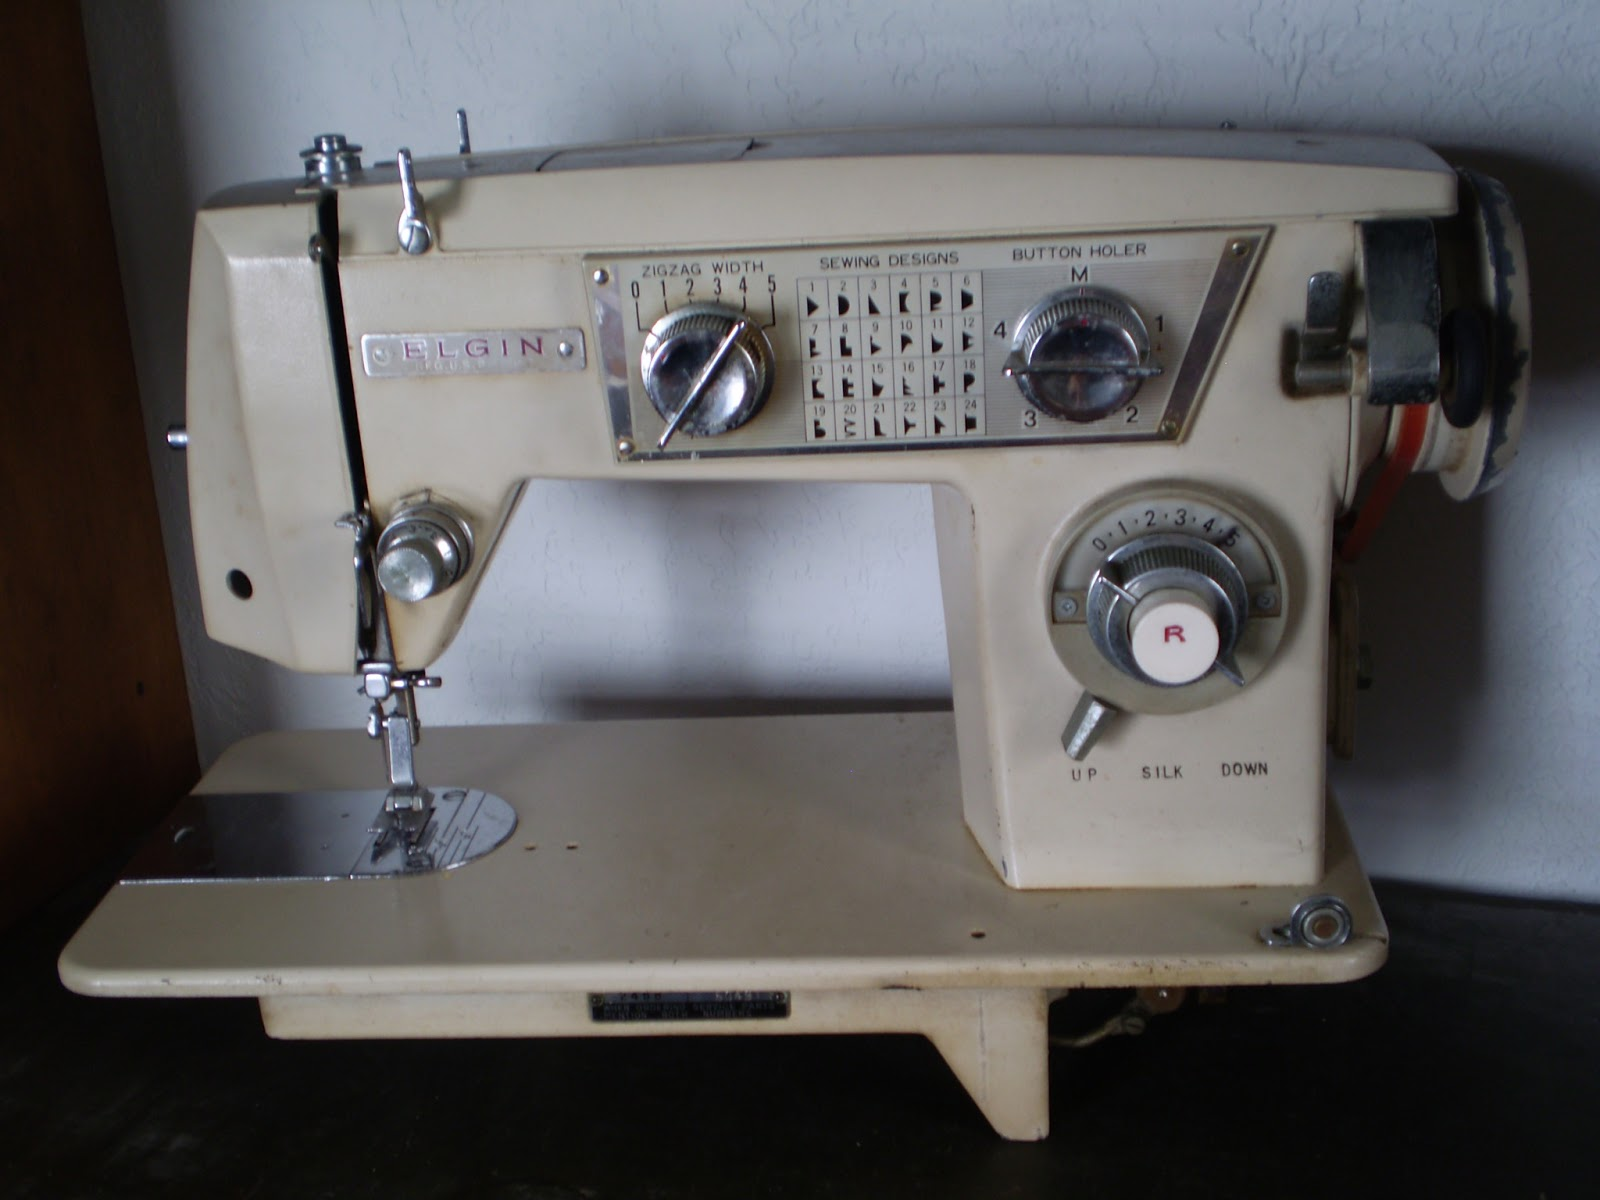 elgin sewing machine model 2468